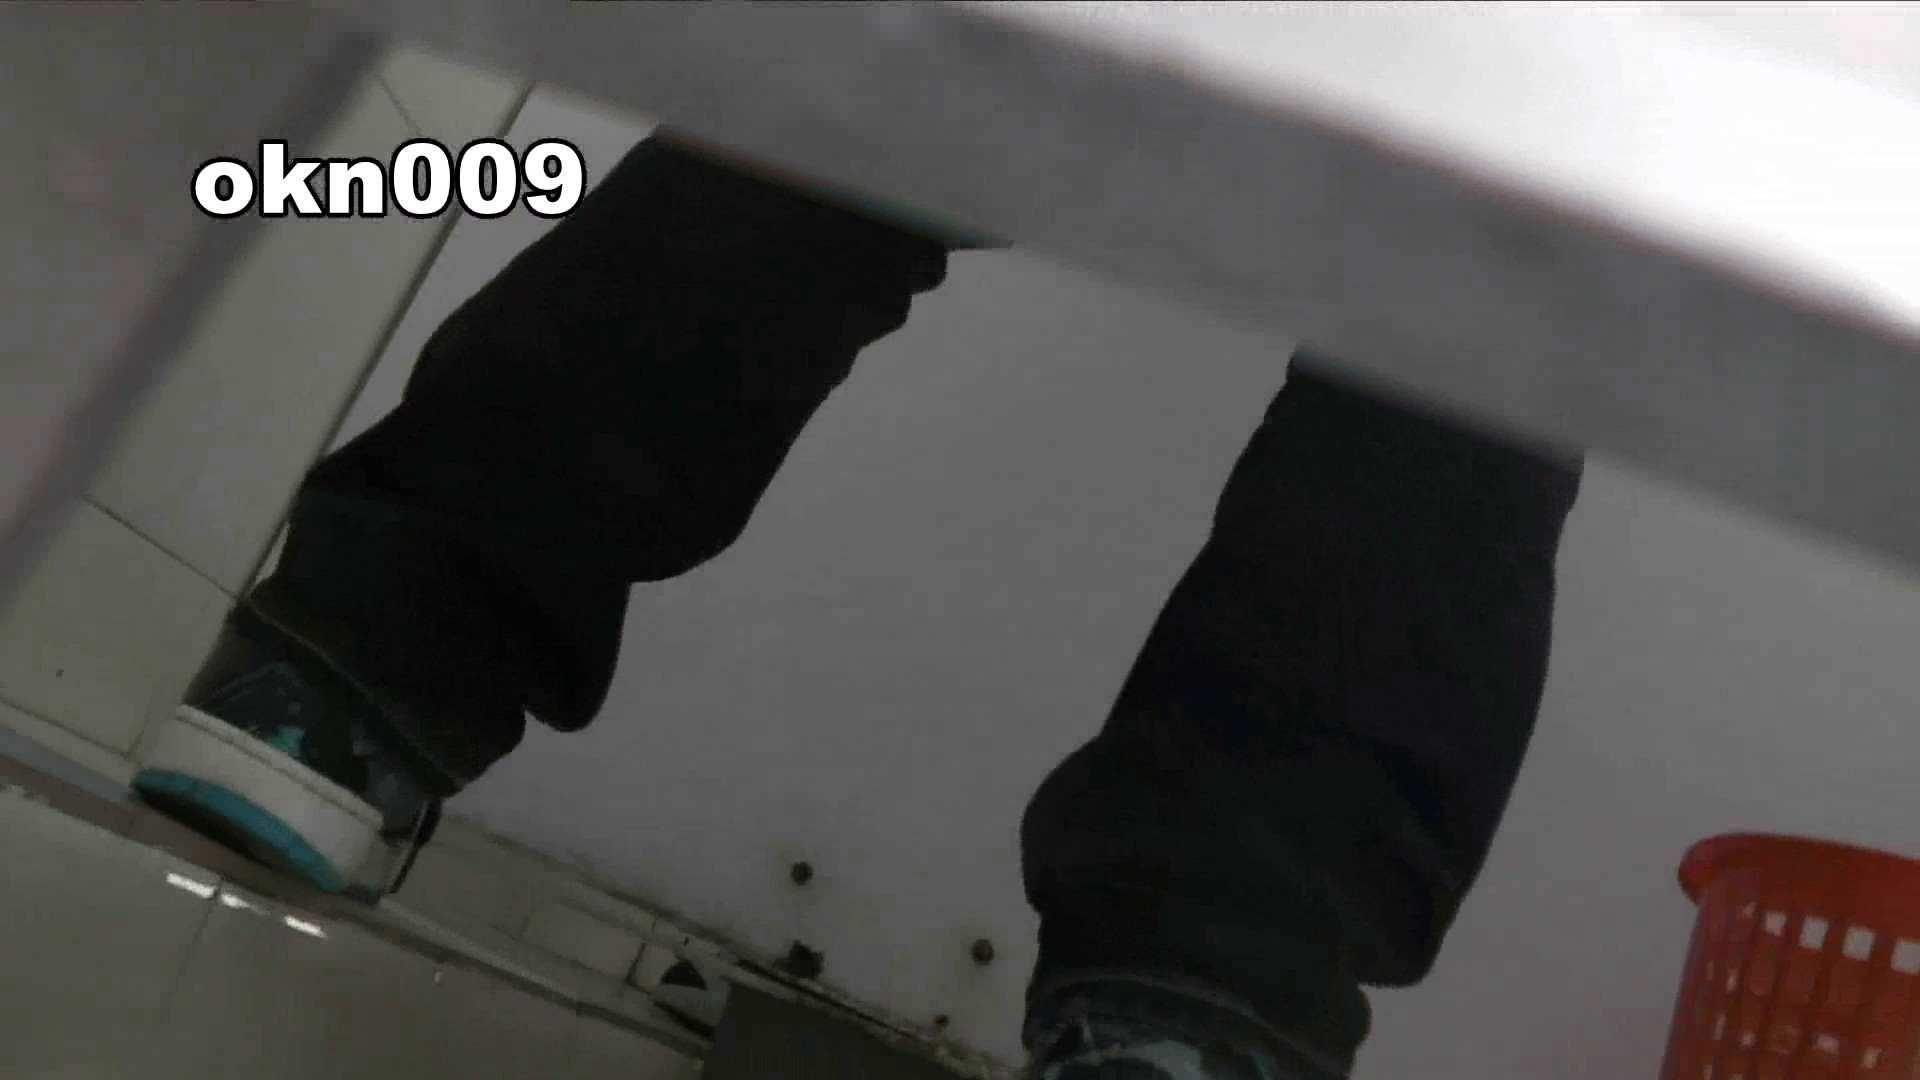 下からノゾム vol.009 リキンでモリアガった割にヒョロ 洗面所 | 丸見えマンコ  55画像 42